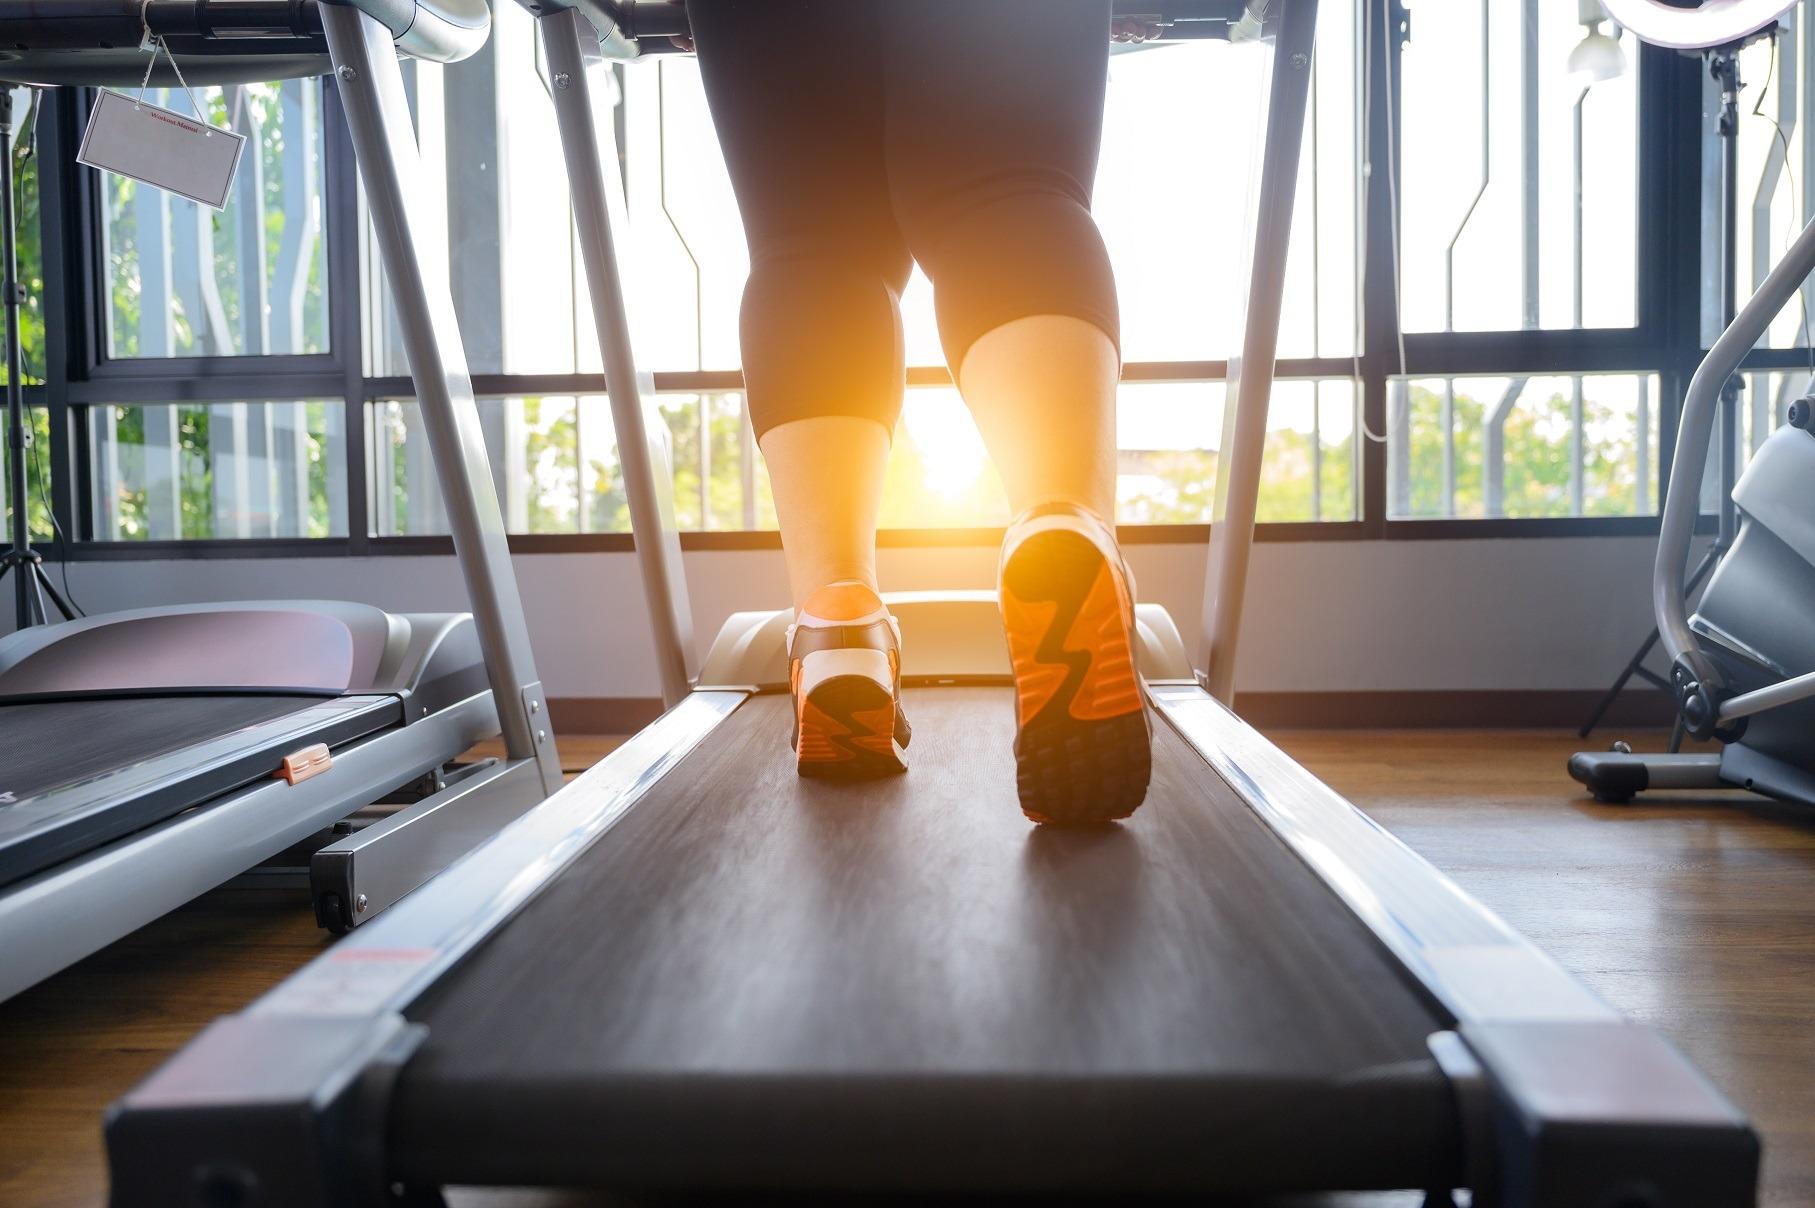 benzi de la picioare pentru a pierde în greutate cel mai eficient arzător de grăsimi